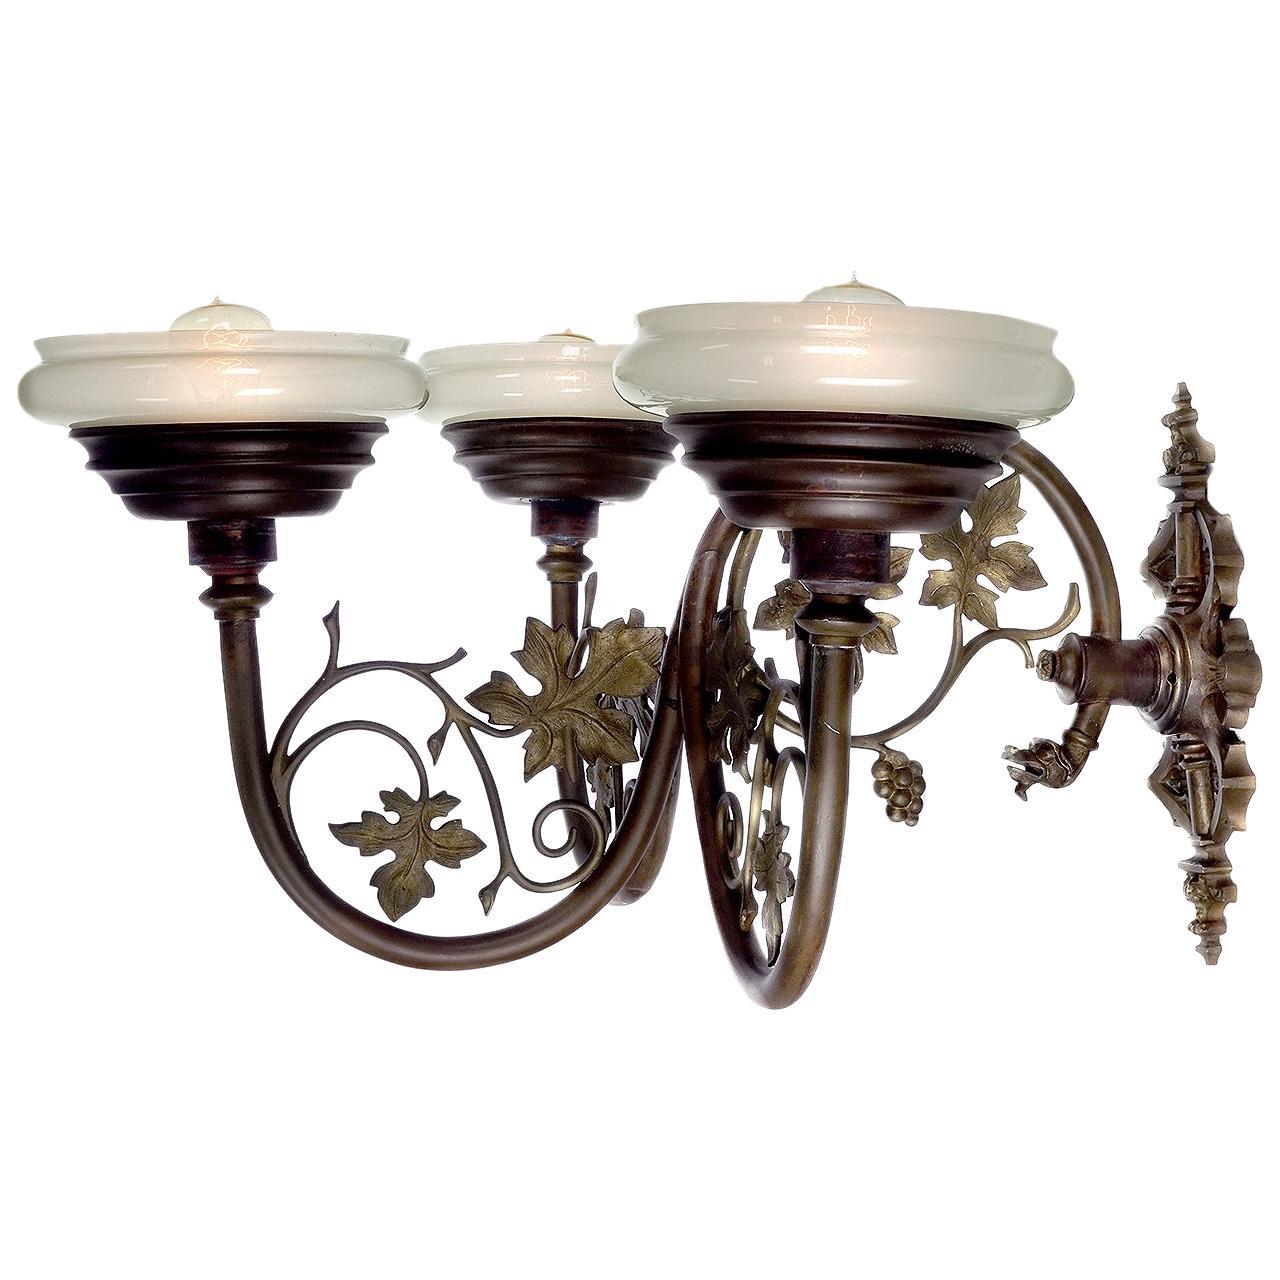 Large Ornate Triple Vaseline Glass Sconce